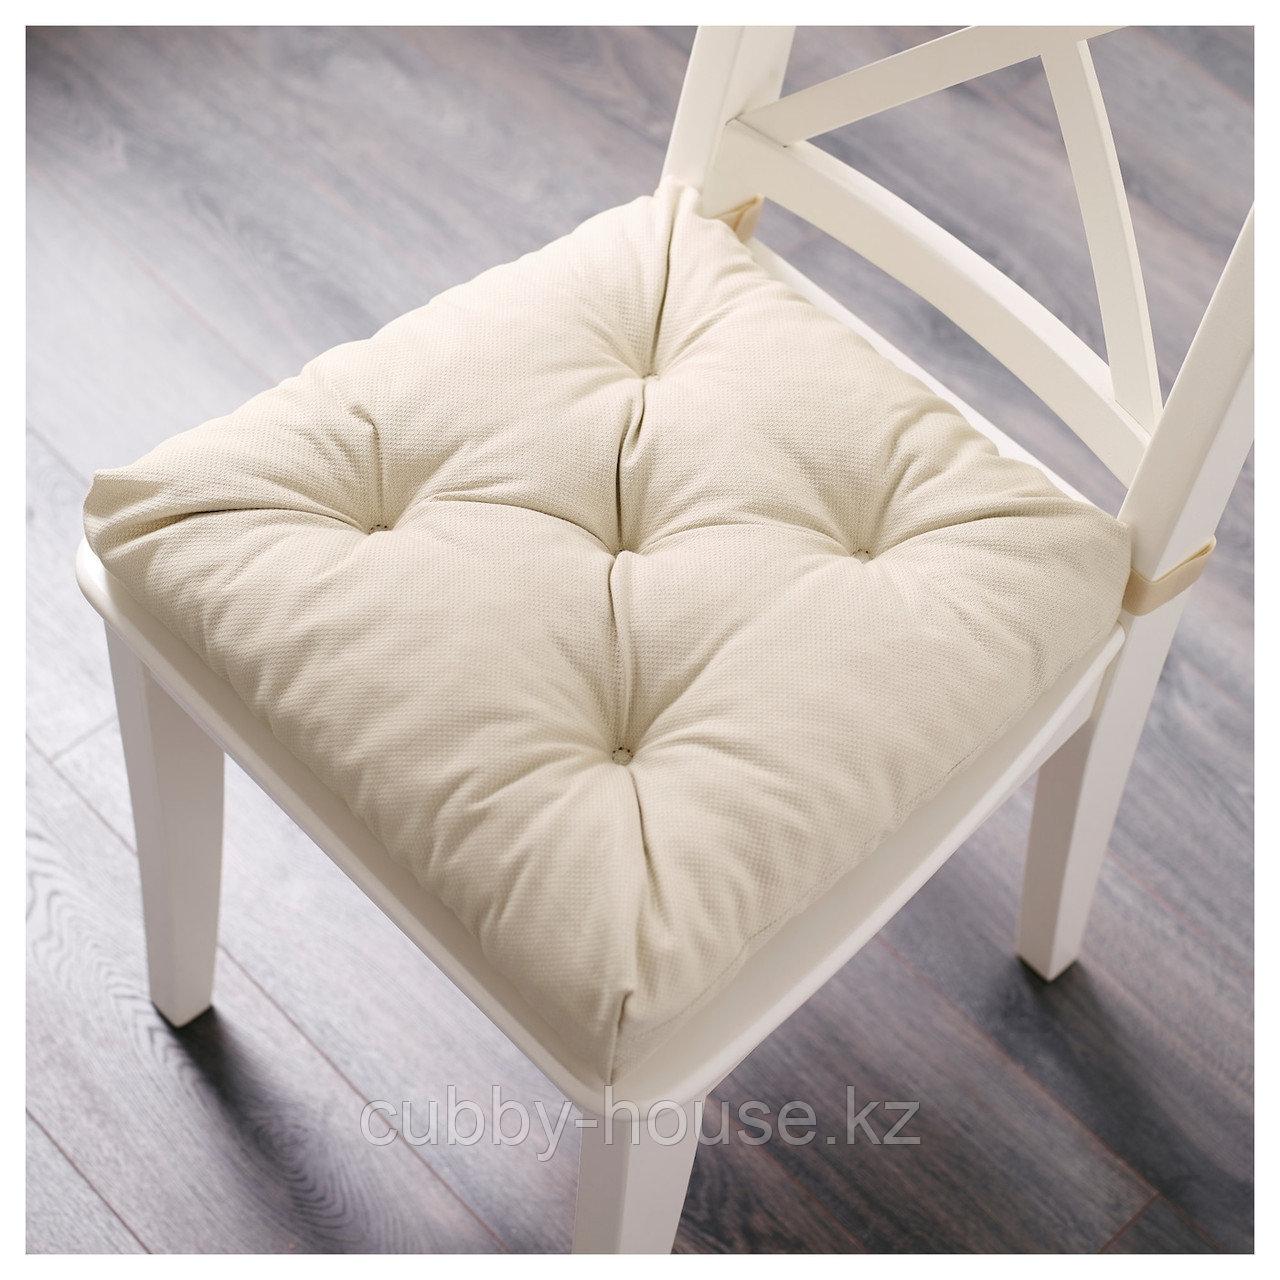 МАЛИНДА Подушка на стул, светло-бежевый, 40/35x38x7 см - фото 2